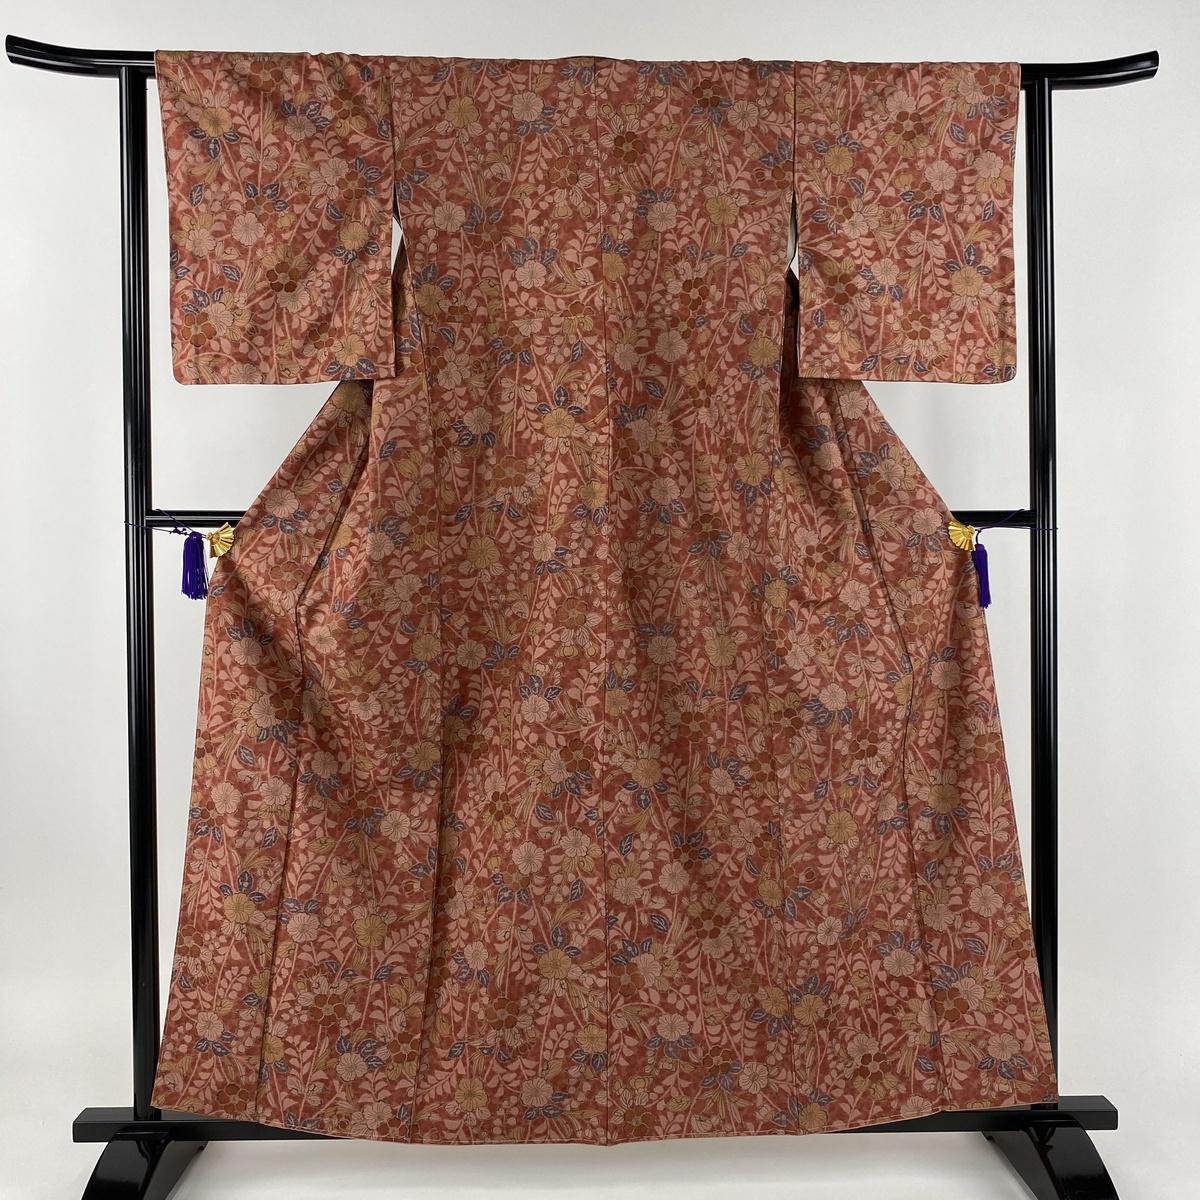 小紋 美品 秀品 紬地 辻が花柄 赤 袷 身丈160cm 裄丈62.5cm S 正絹 【中古】